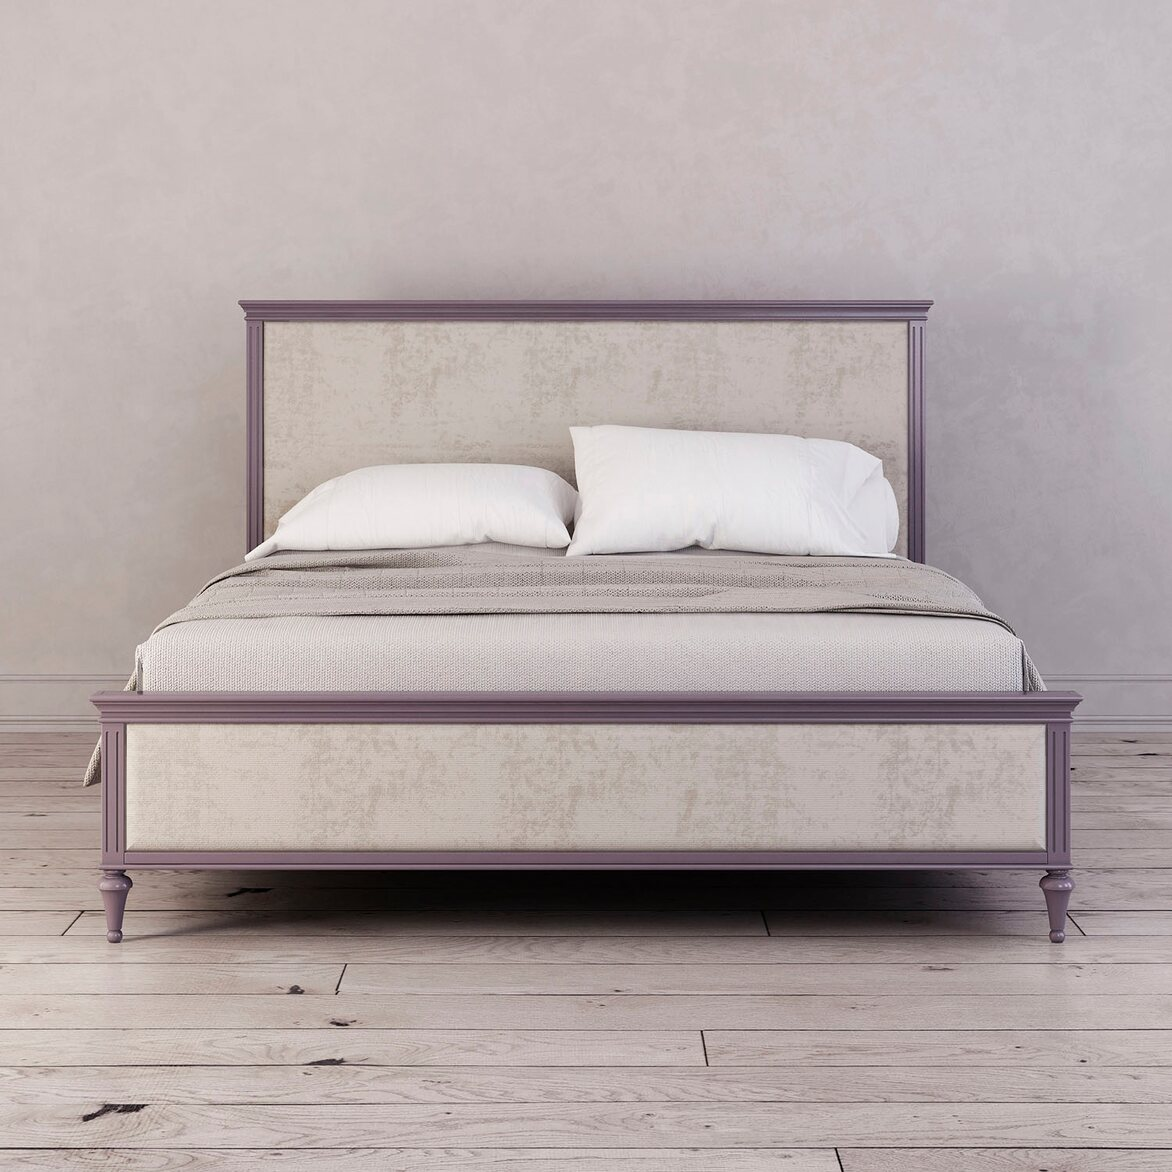 Кровать с мягким изголовьем 160*200 Riverdi, орхидея | Двуспальные кровати Kingsby